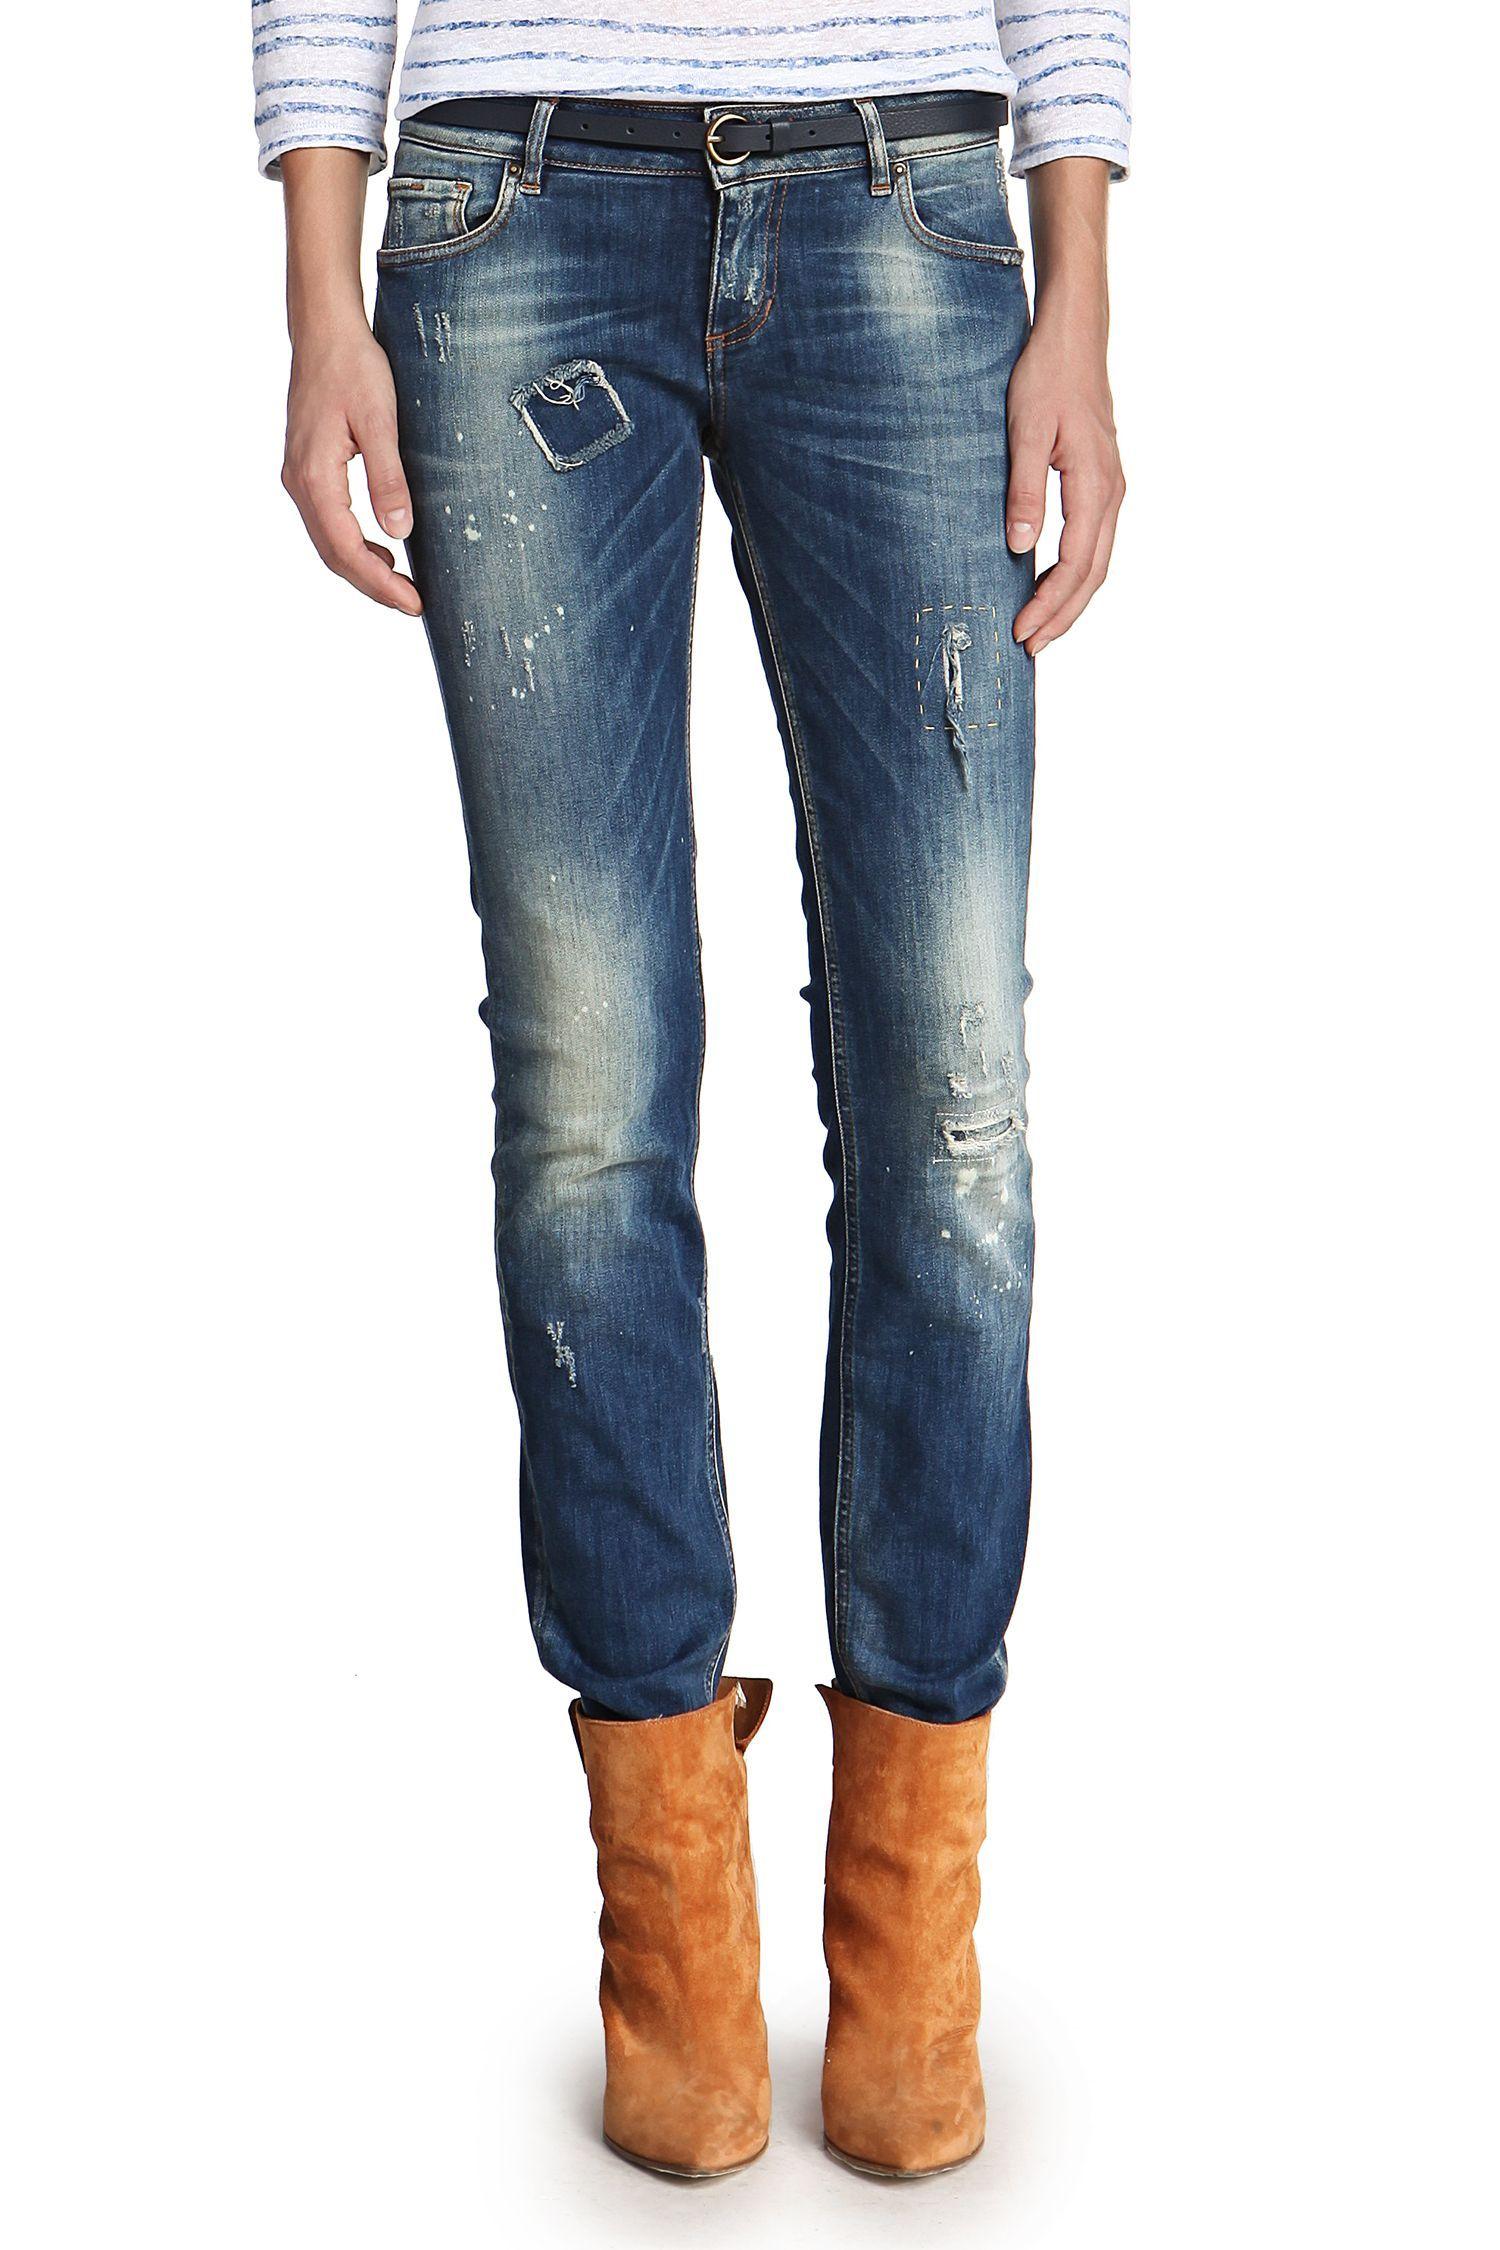 Jeans Femme Hugo Boss, achat Jeans Slim Fit Orange J20 en coton mélangé  extensible prix